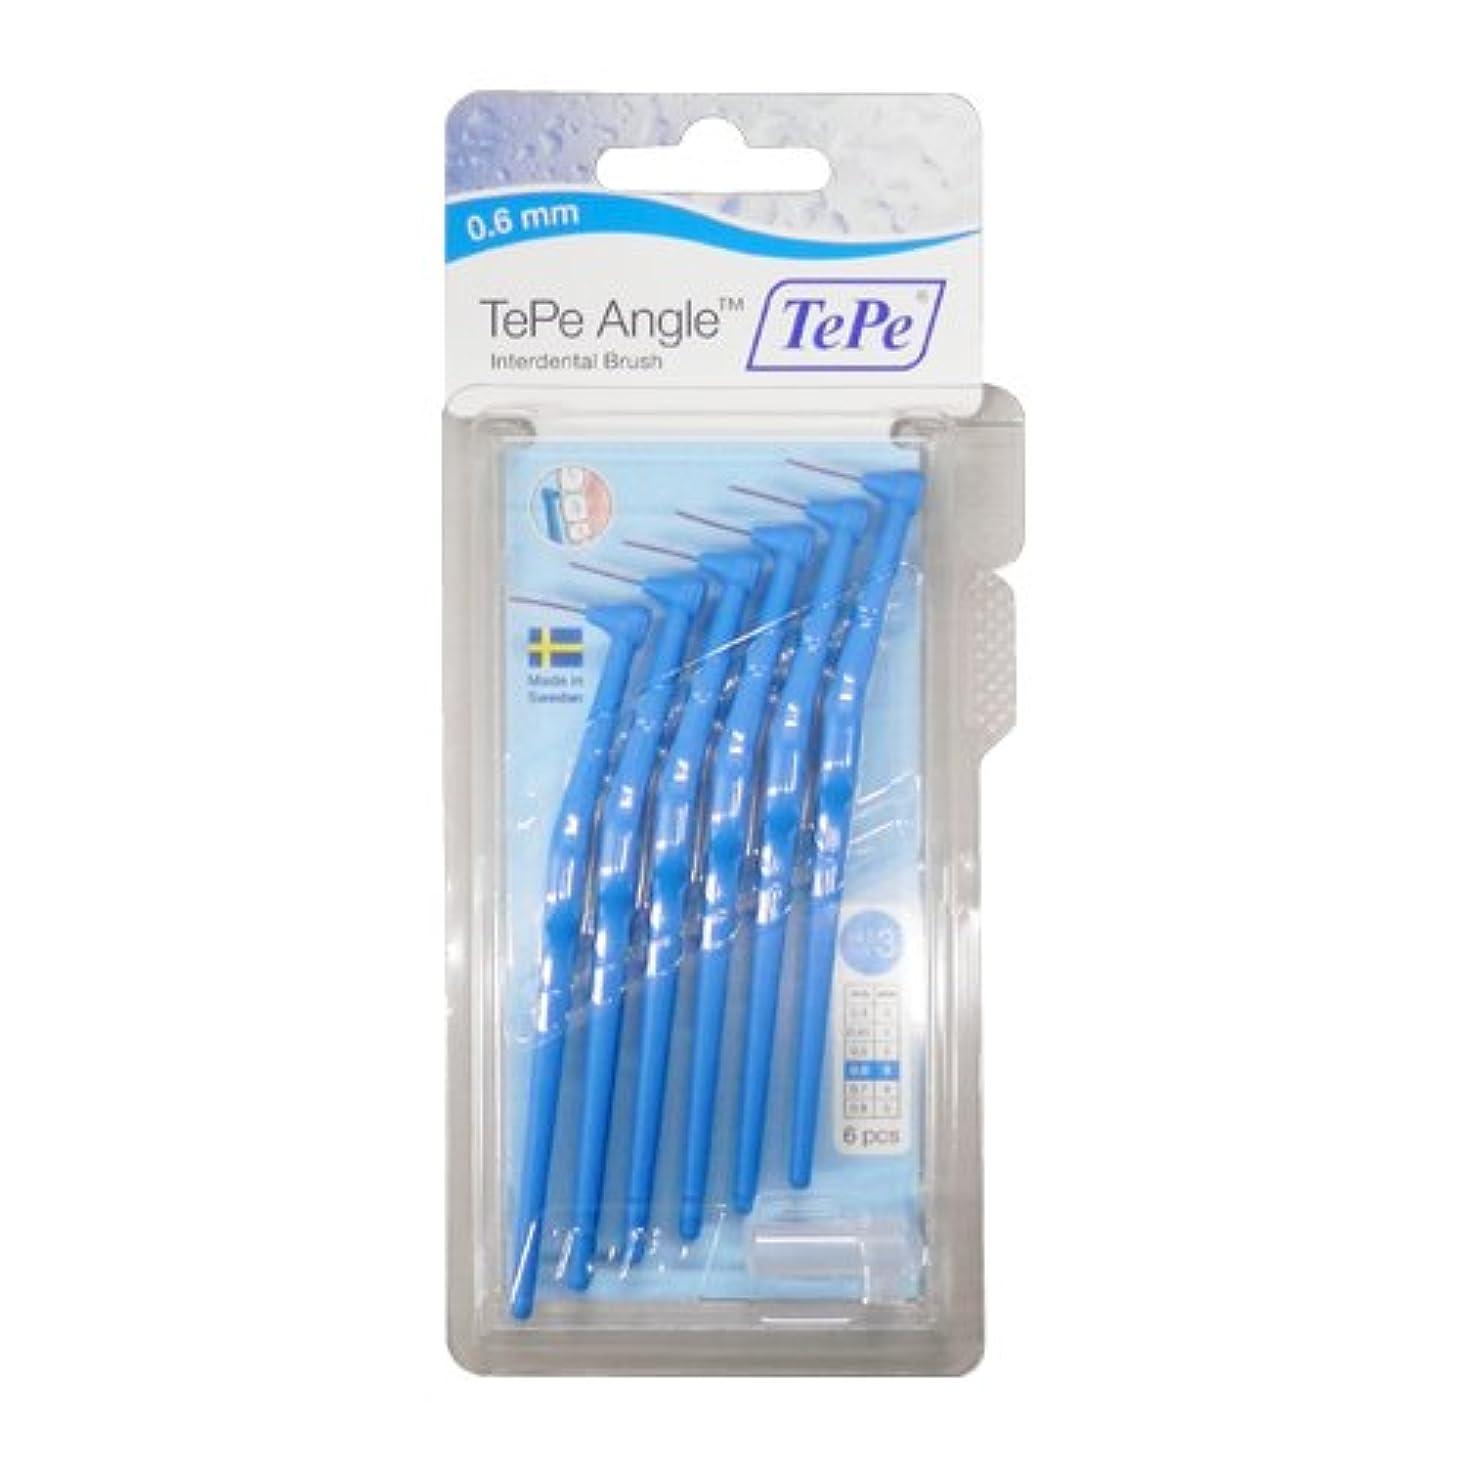 フォアマン天使褒賞テペ(TePe) アングル歯間ブラシ 6本入×2個セット ブルー(0.6mm)